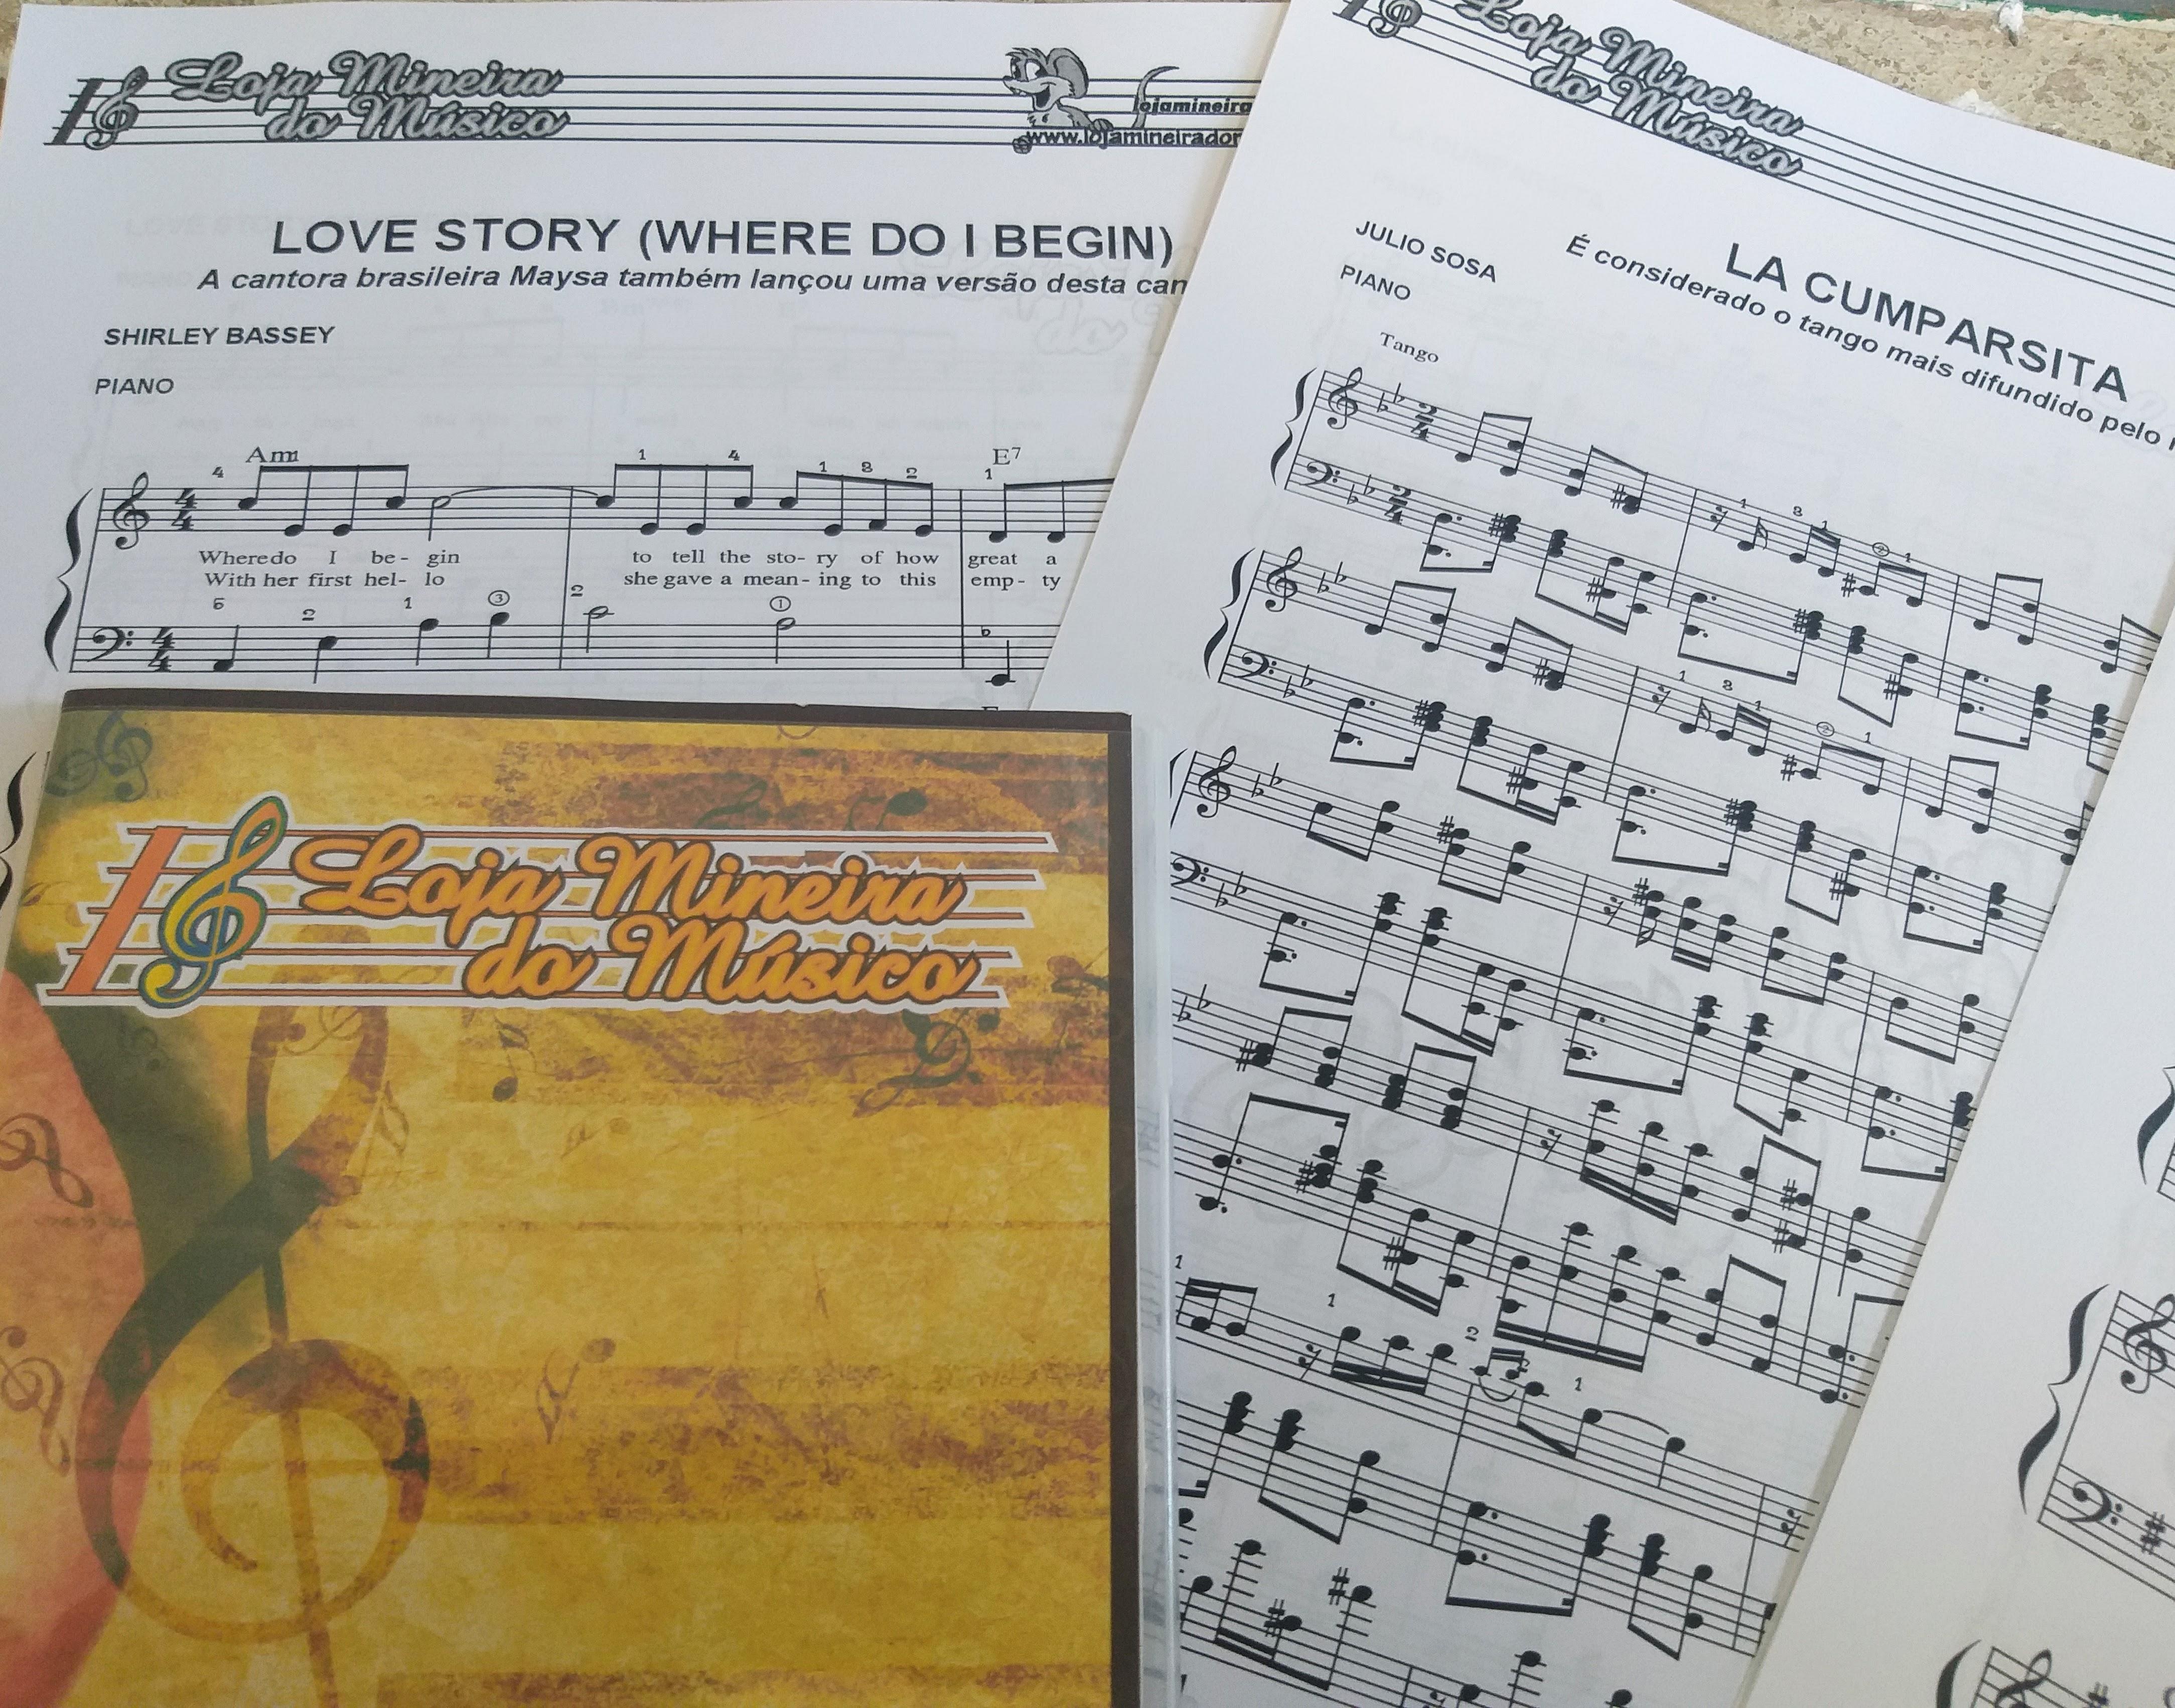 Love Story Piano Partitura em PDF Tango La Cumparsita para Piano e Outras Partituras para Piano em PDF Loja Mineira do Musico